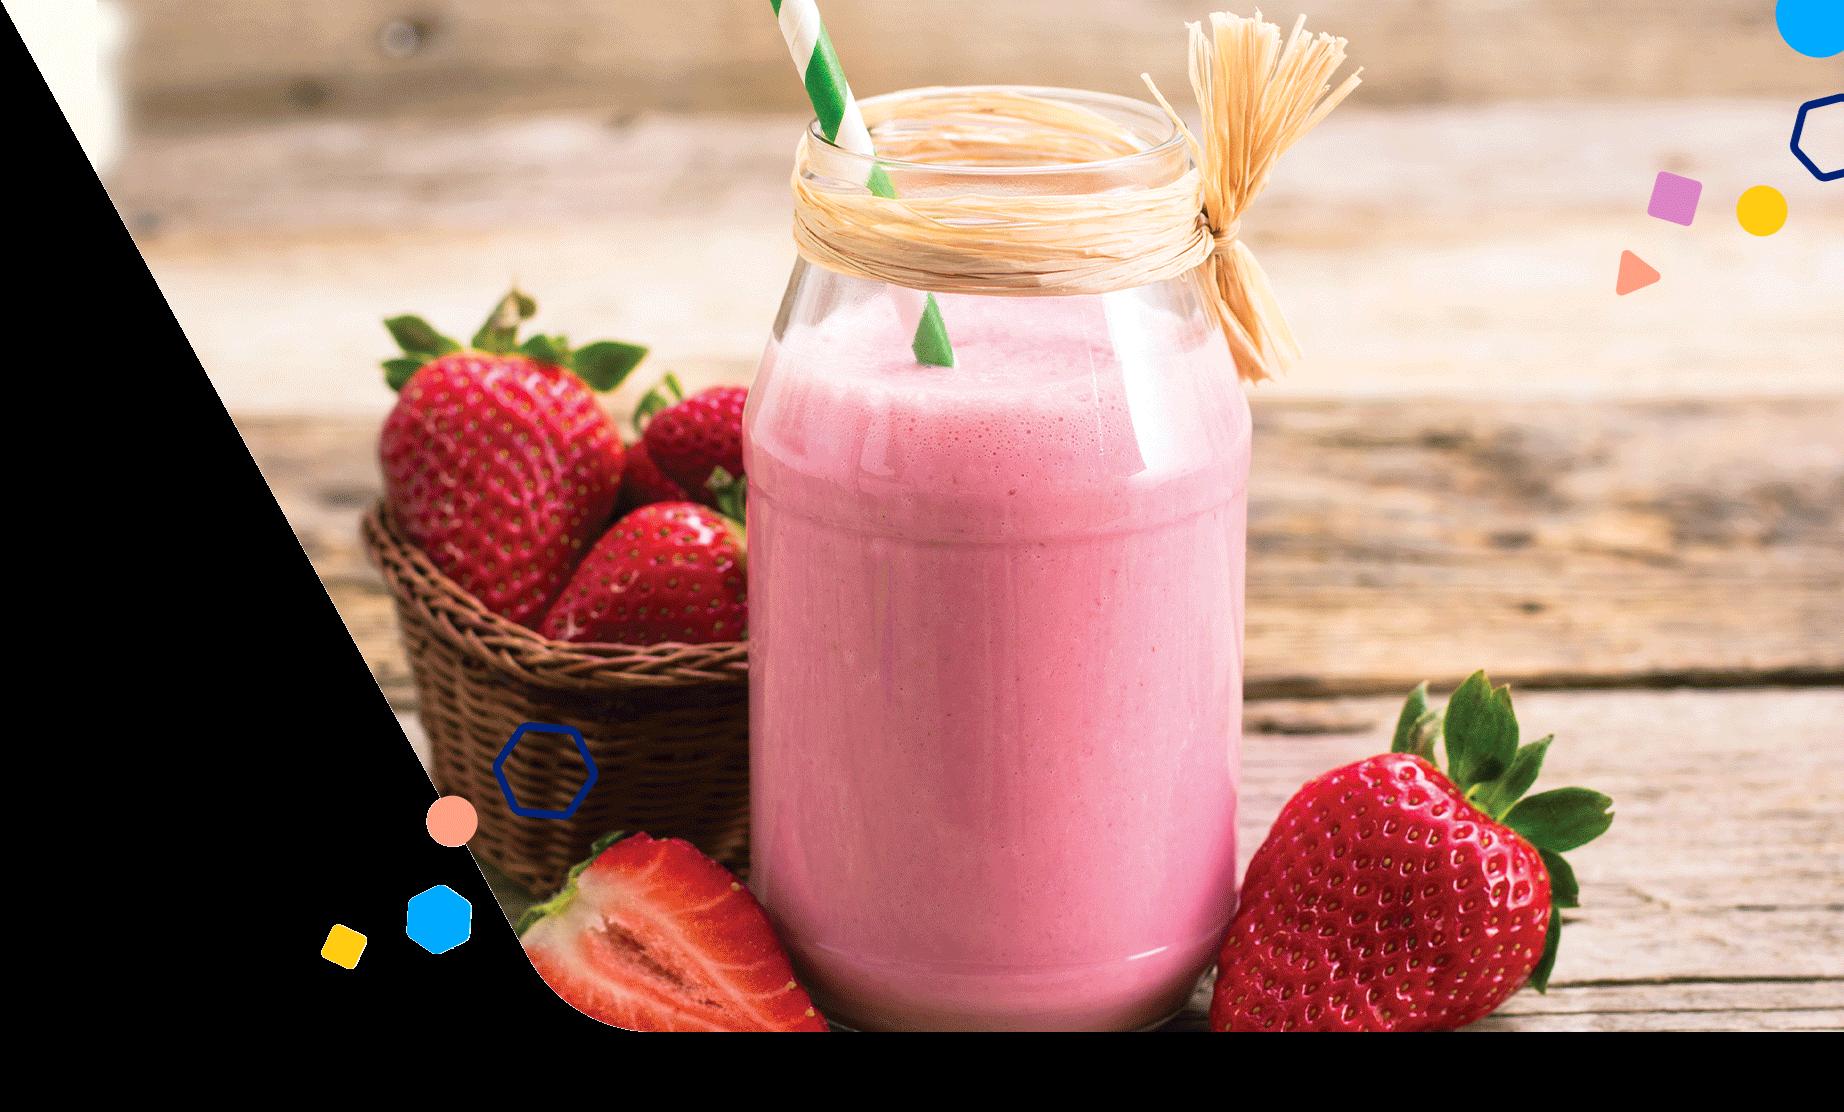 Enfagrow Strawberry Smoothie